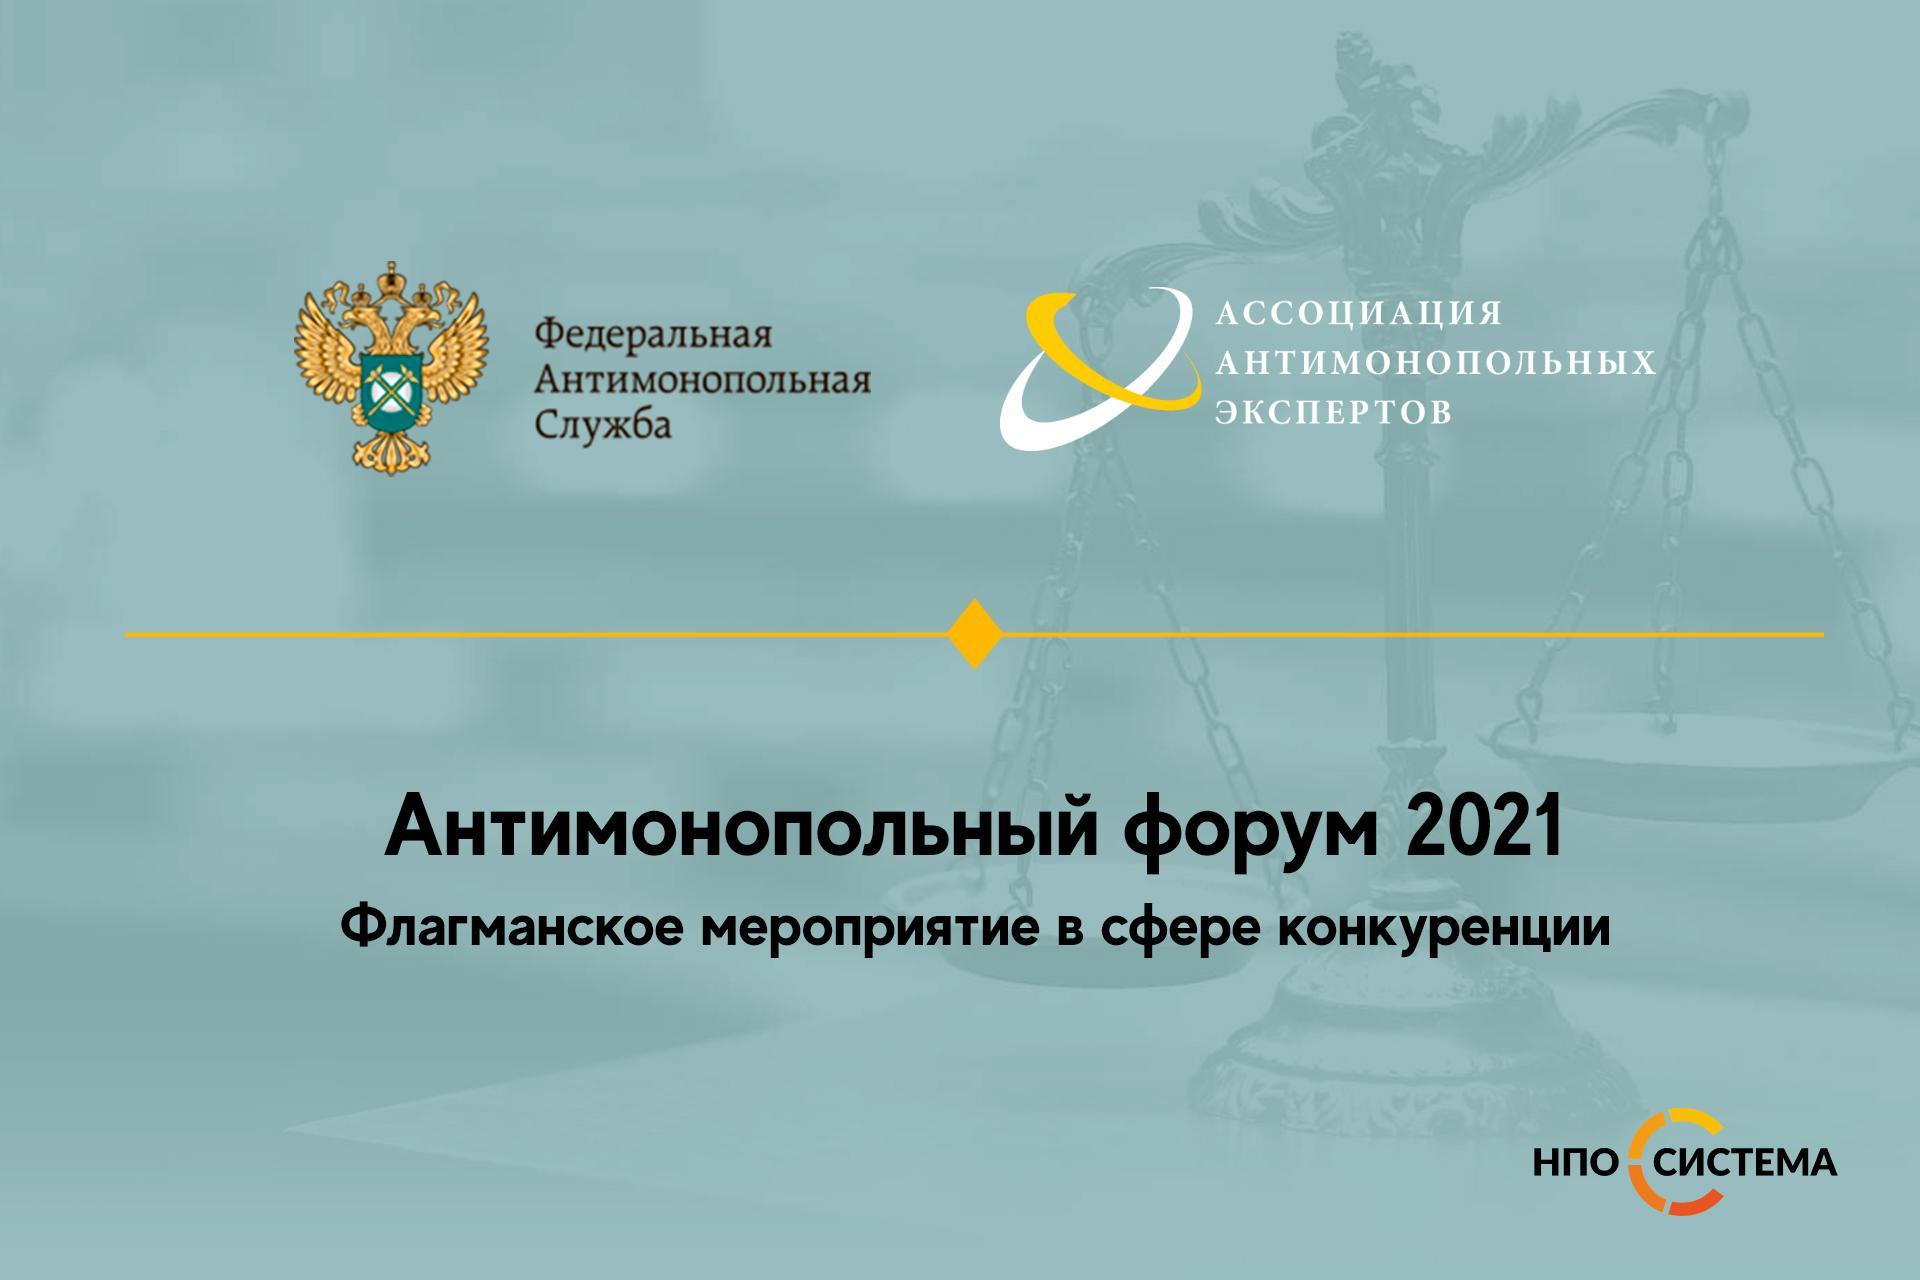 Антимонопольный форум 2021